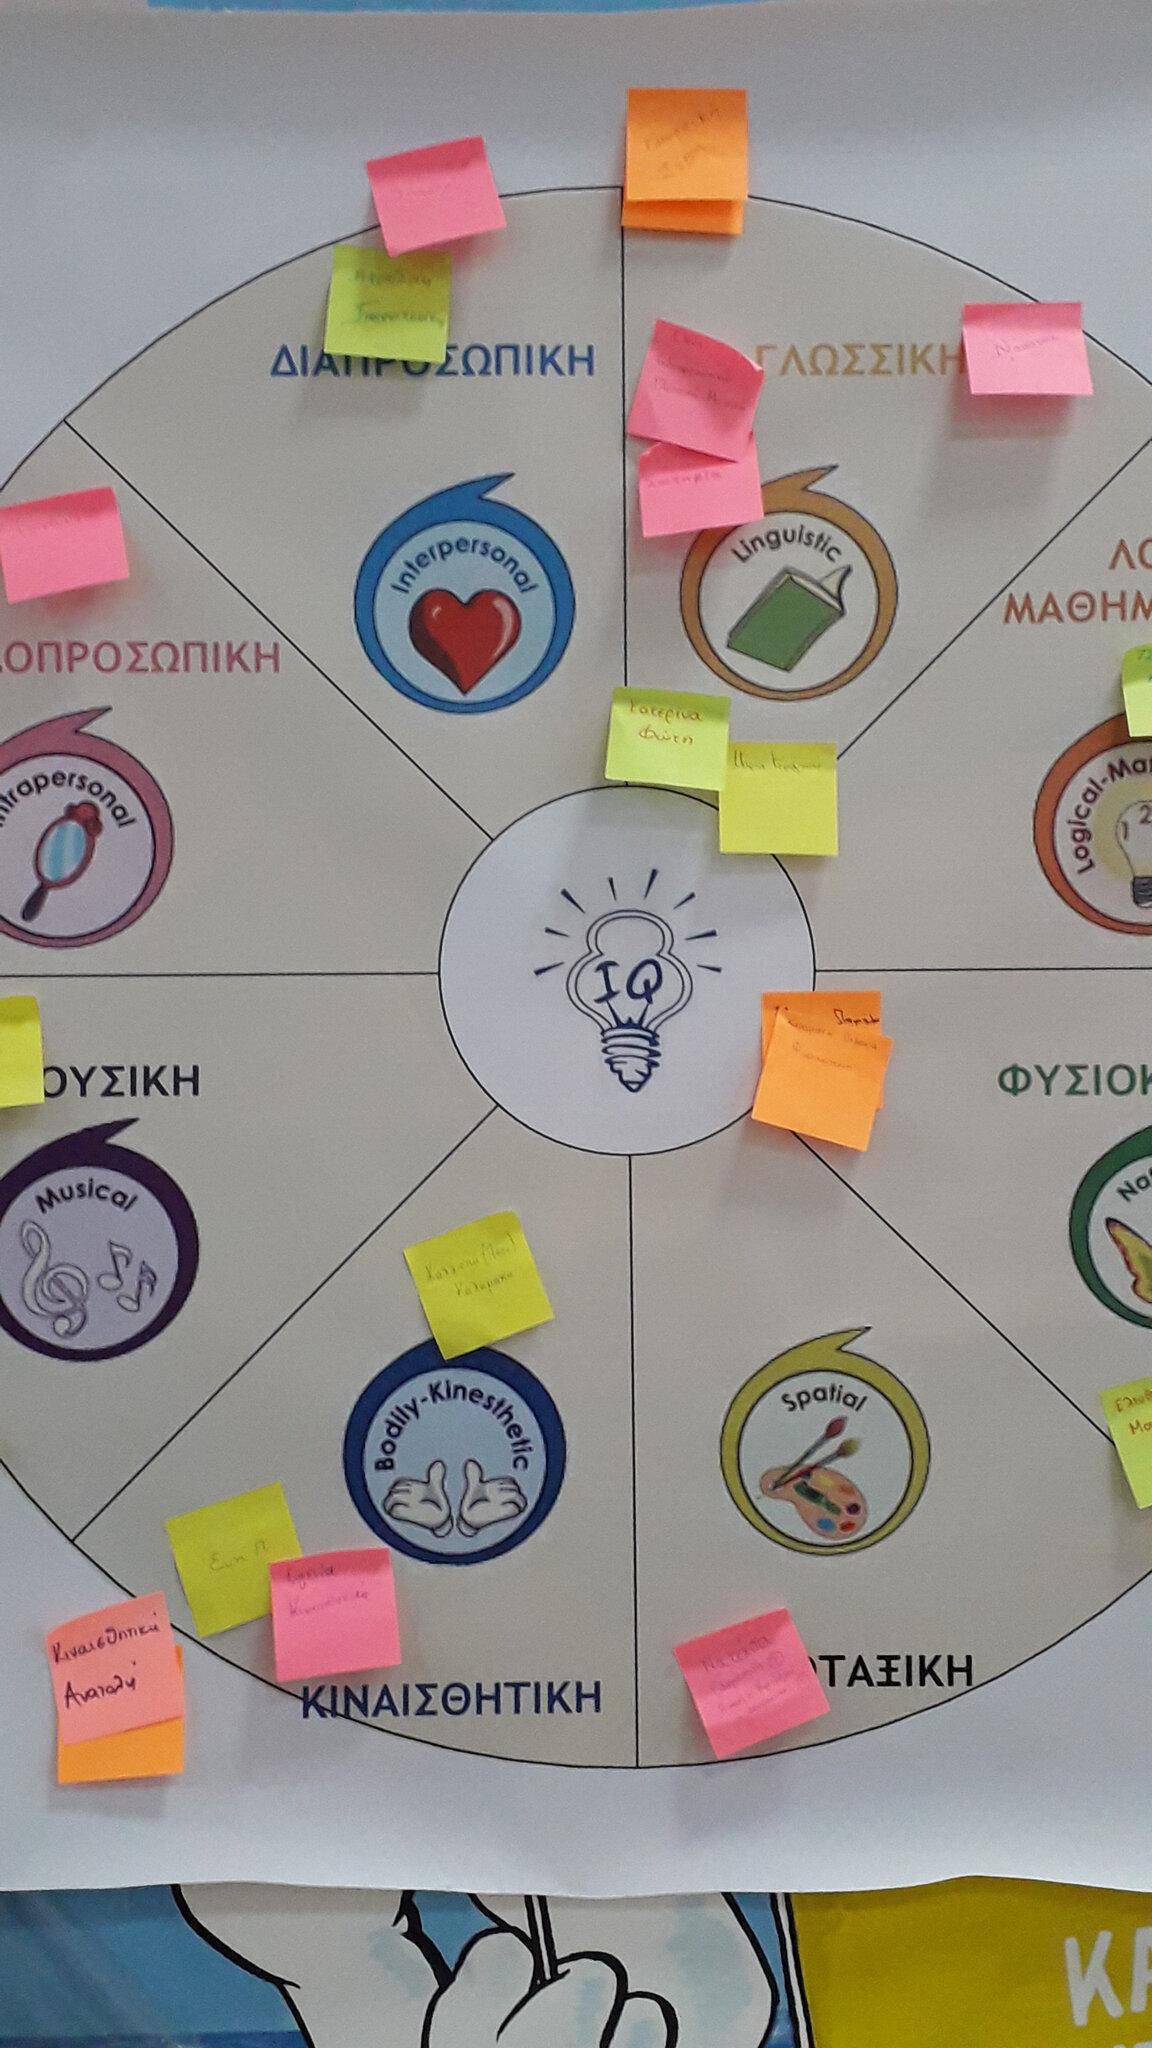 «Σχεδιασμός & Υλοποίηση ενός Σχολικού Προγράμματος - δια ζώσης ή εξ αποστάσεως - αξιοποιώντας τους Πολλαπλούς Τύπους Νοημοσύνης